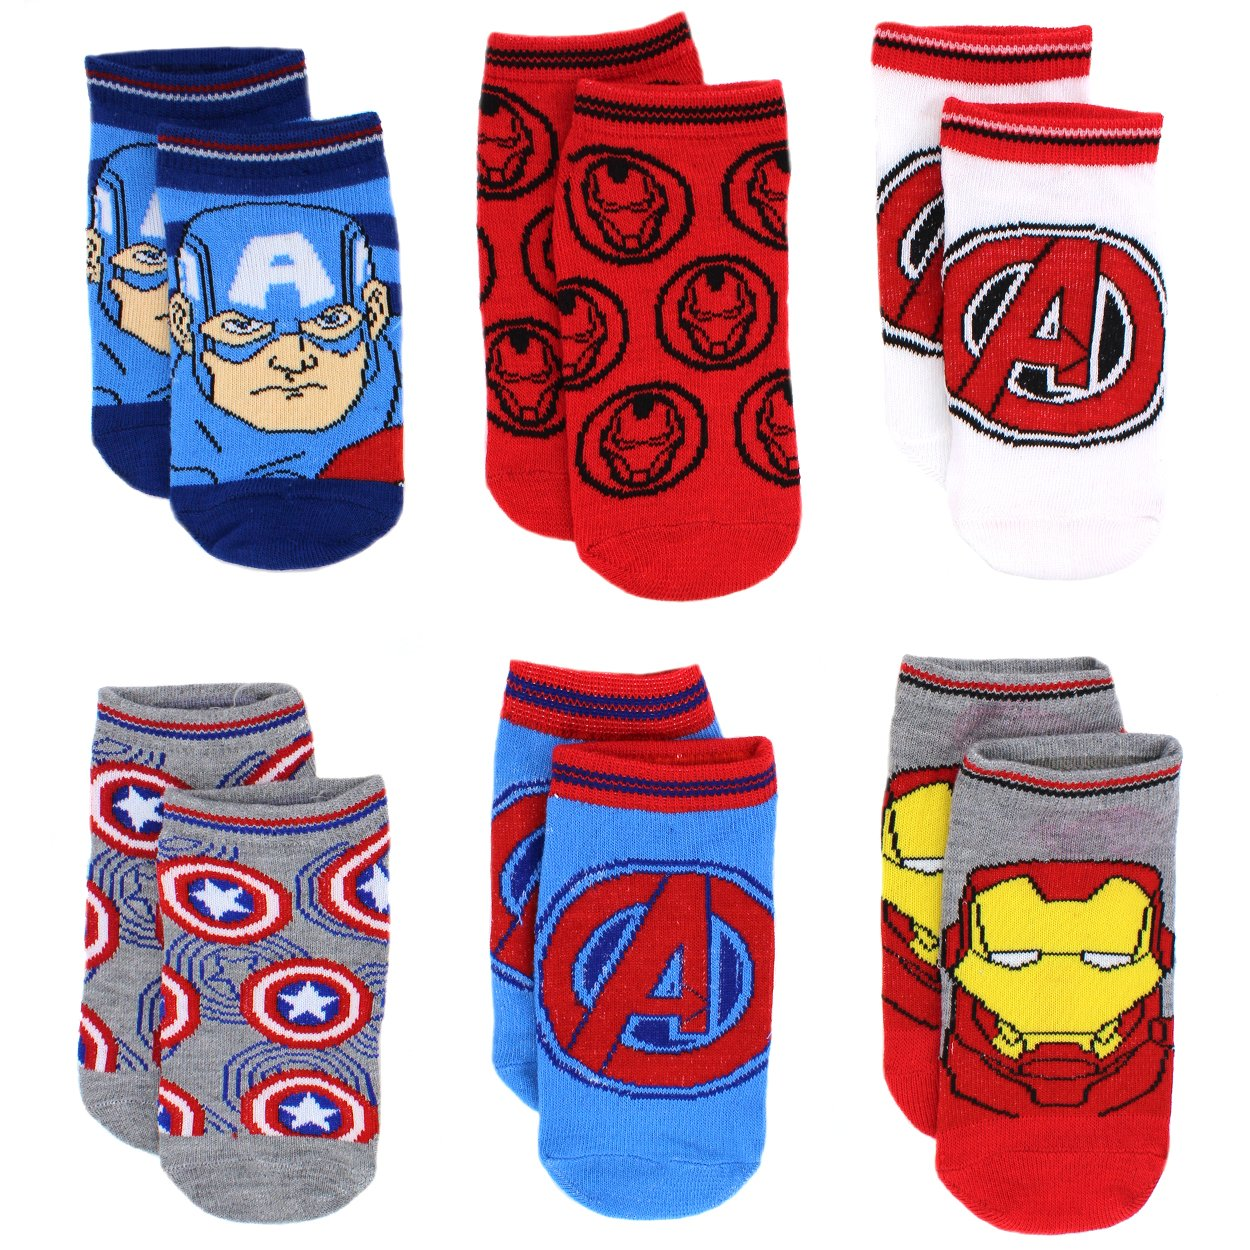 Avengers Boys 6 pack Socks (Toddler/Little Kid/Big Kid) Assemble Blue/Red) Marvel AVA837-L